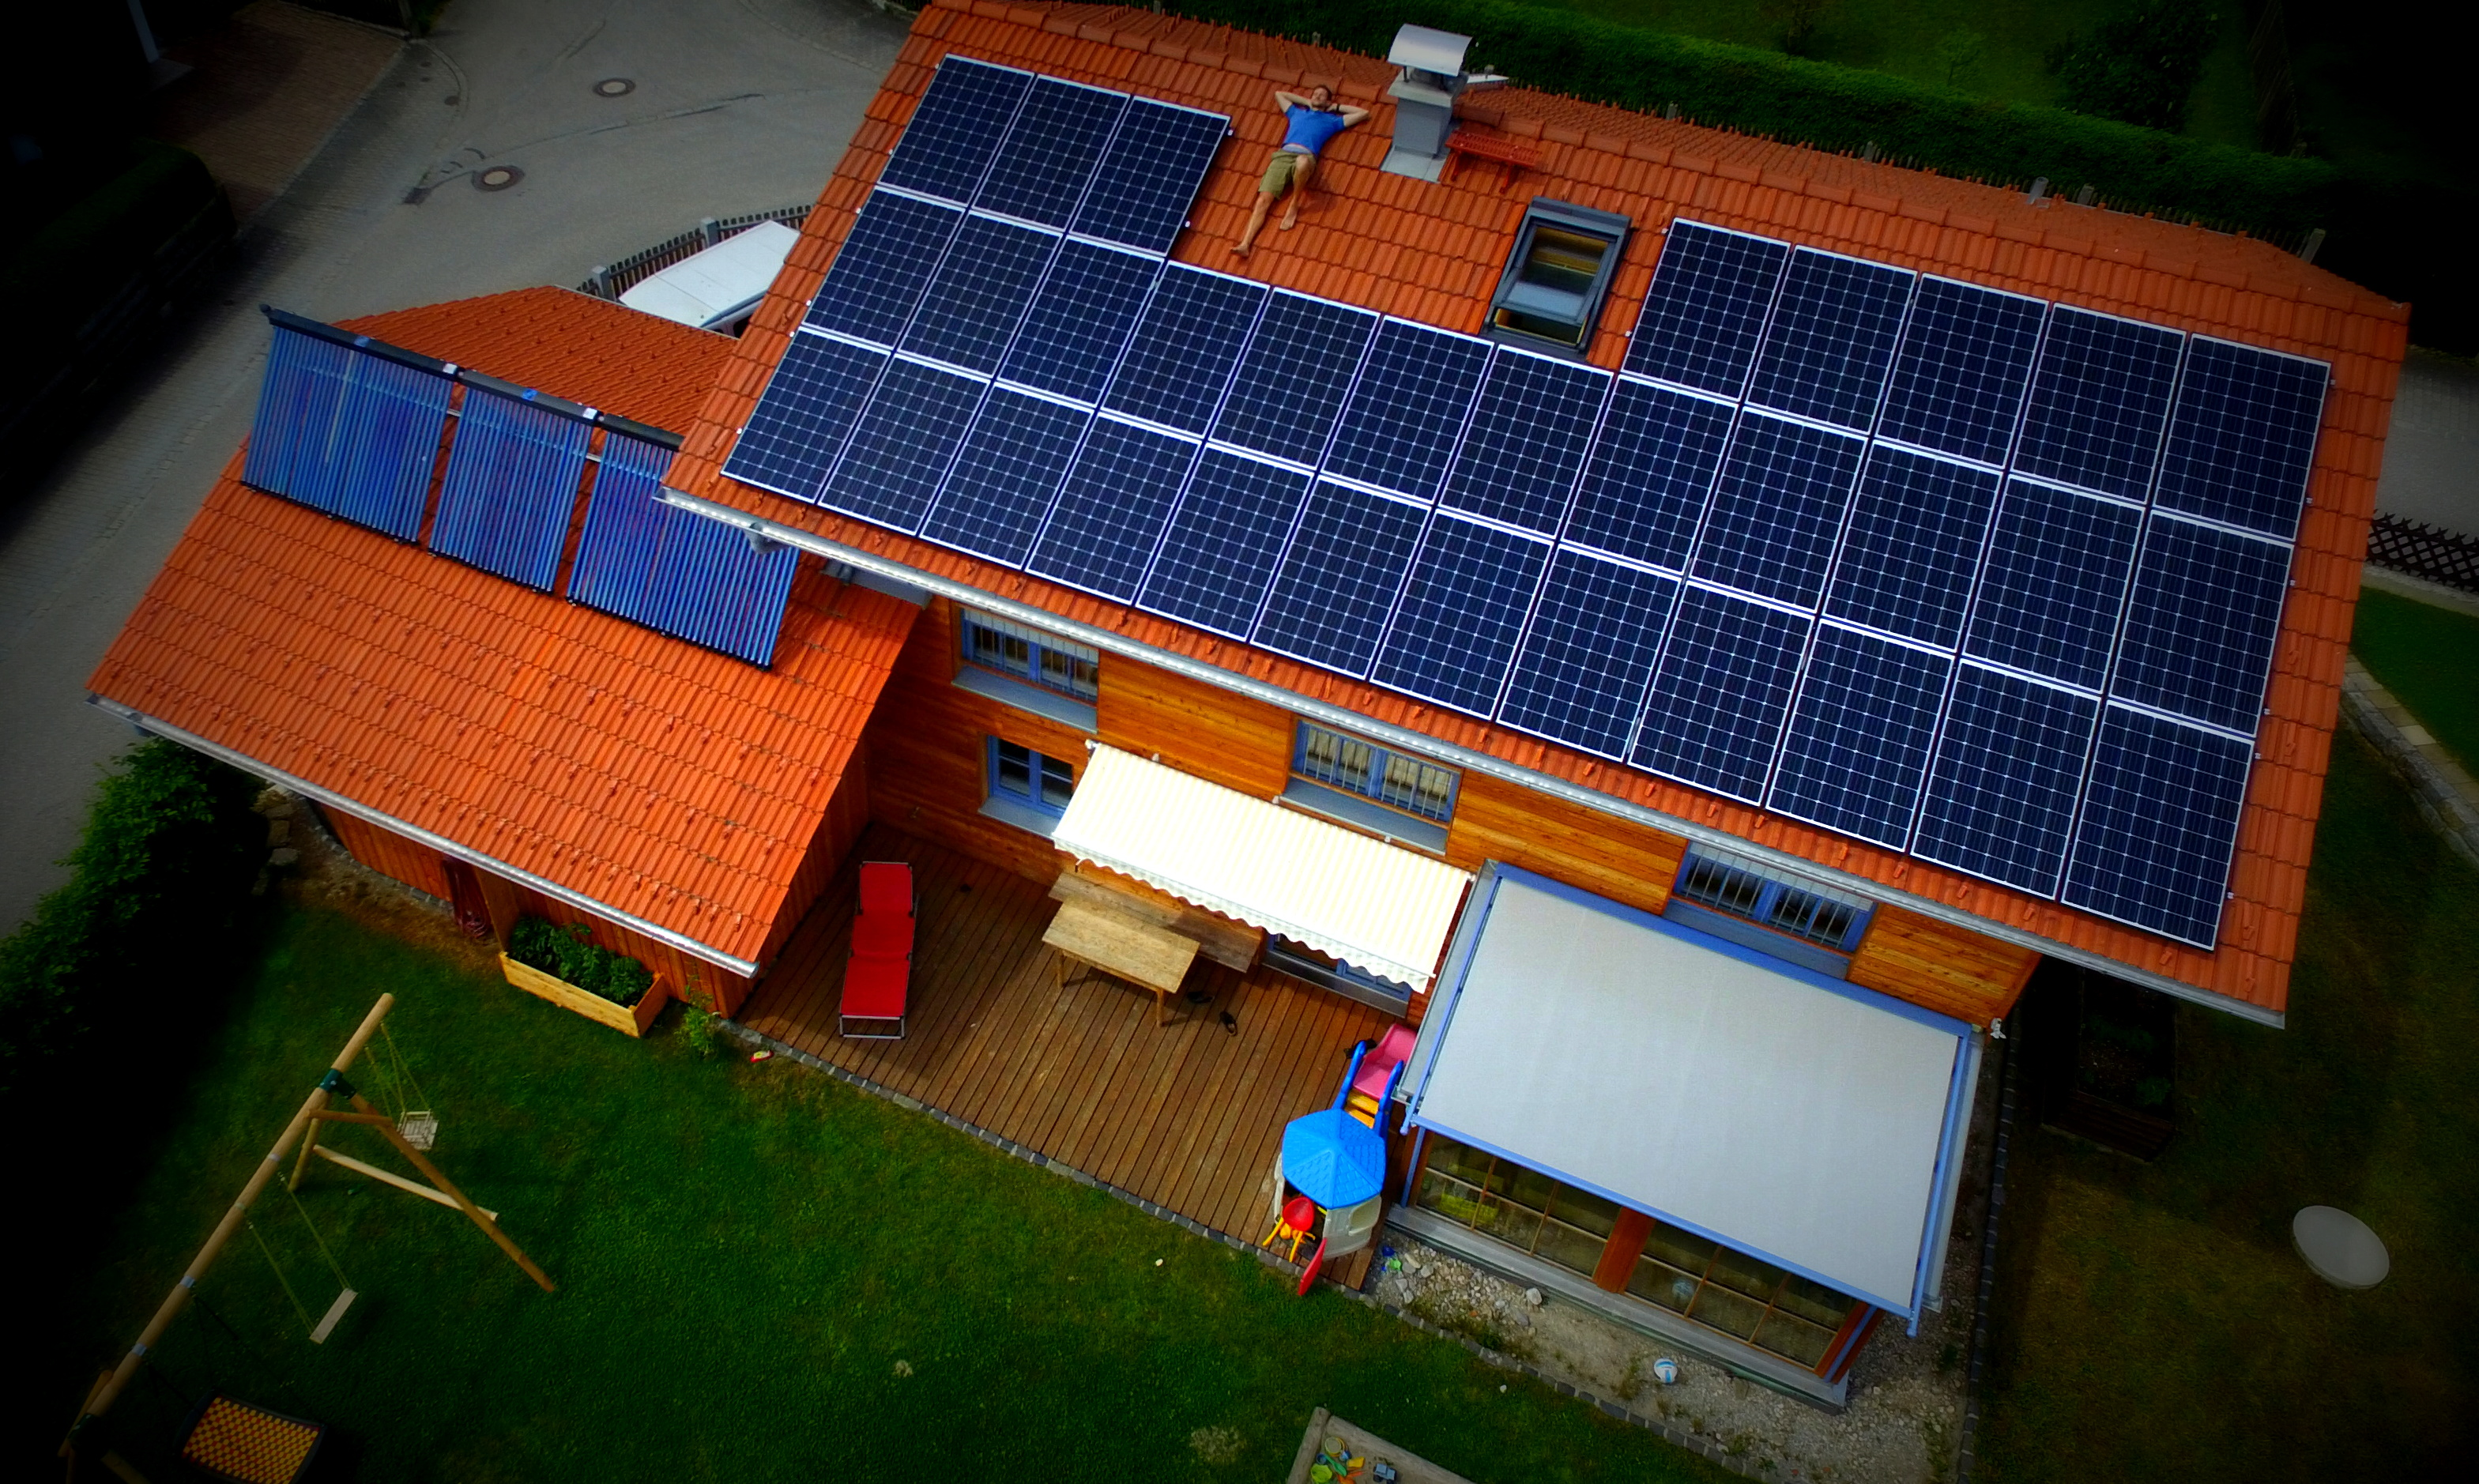 Zu Besuch beim Energiewende Pionier in Schaftlach